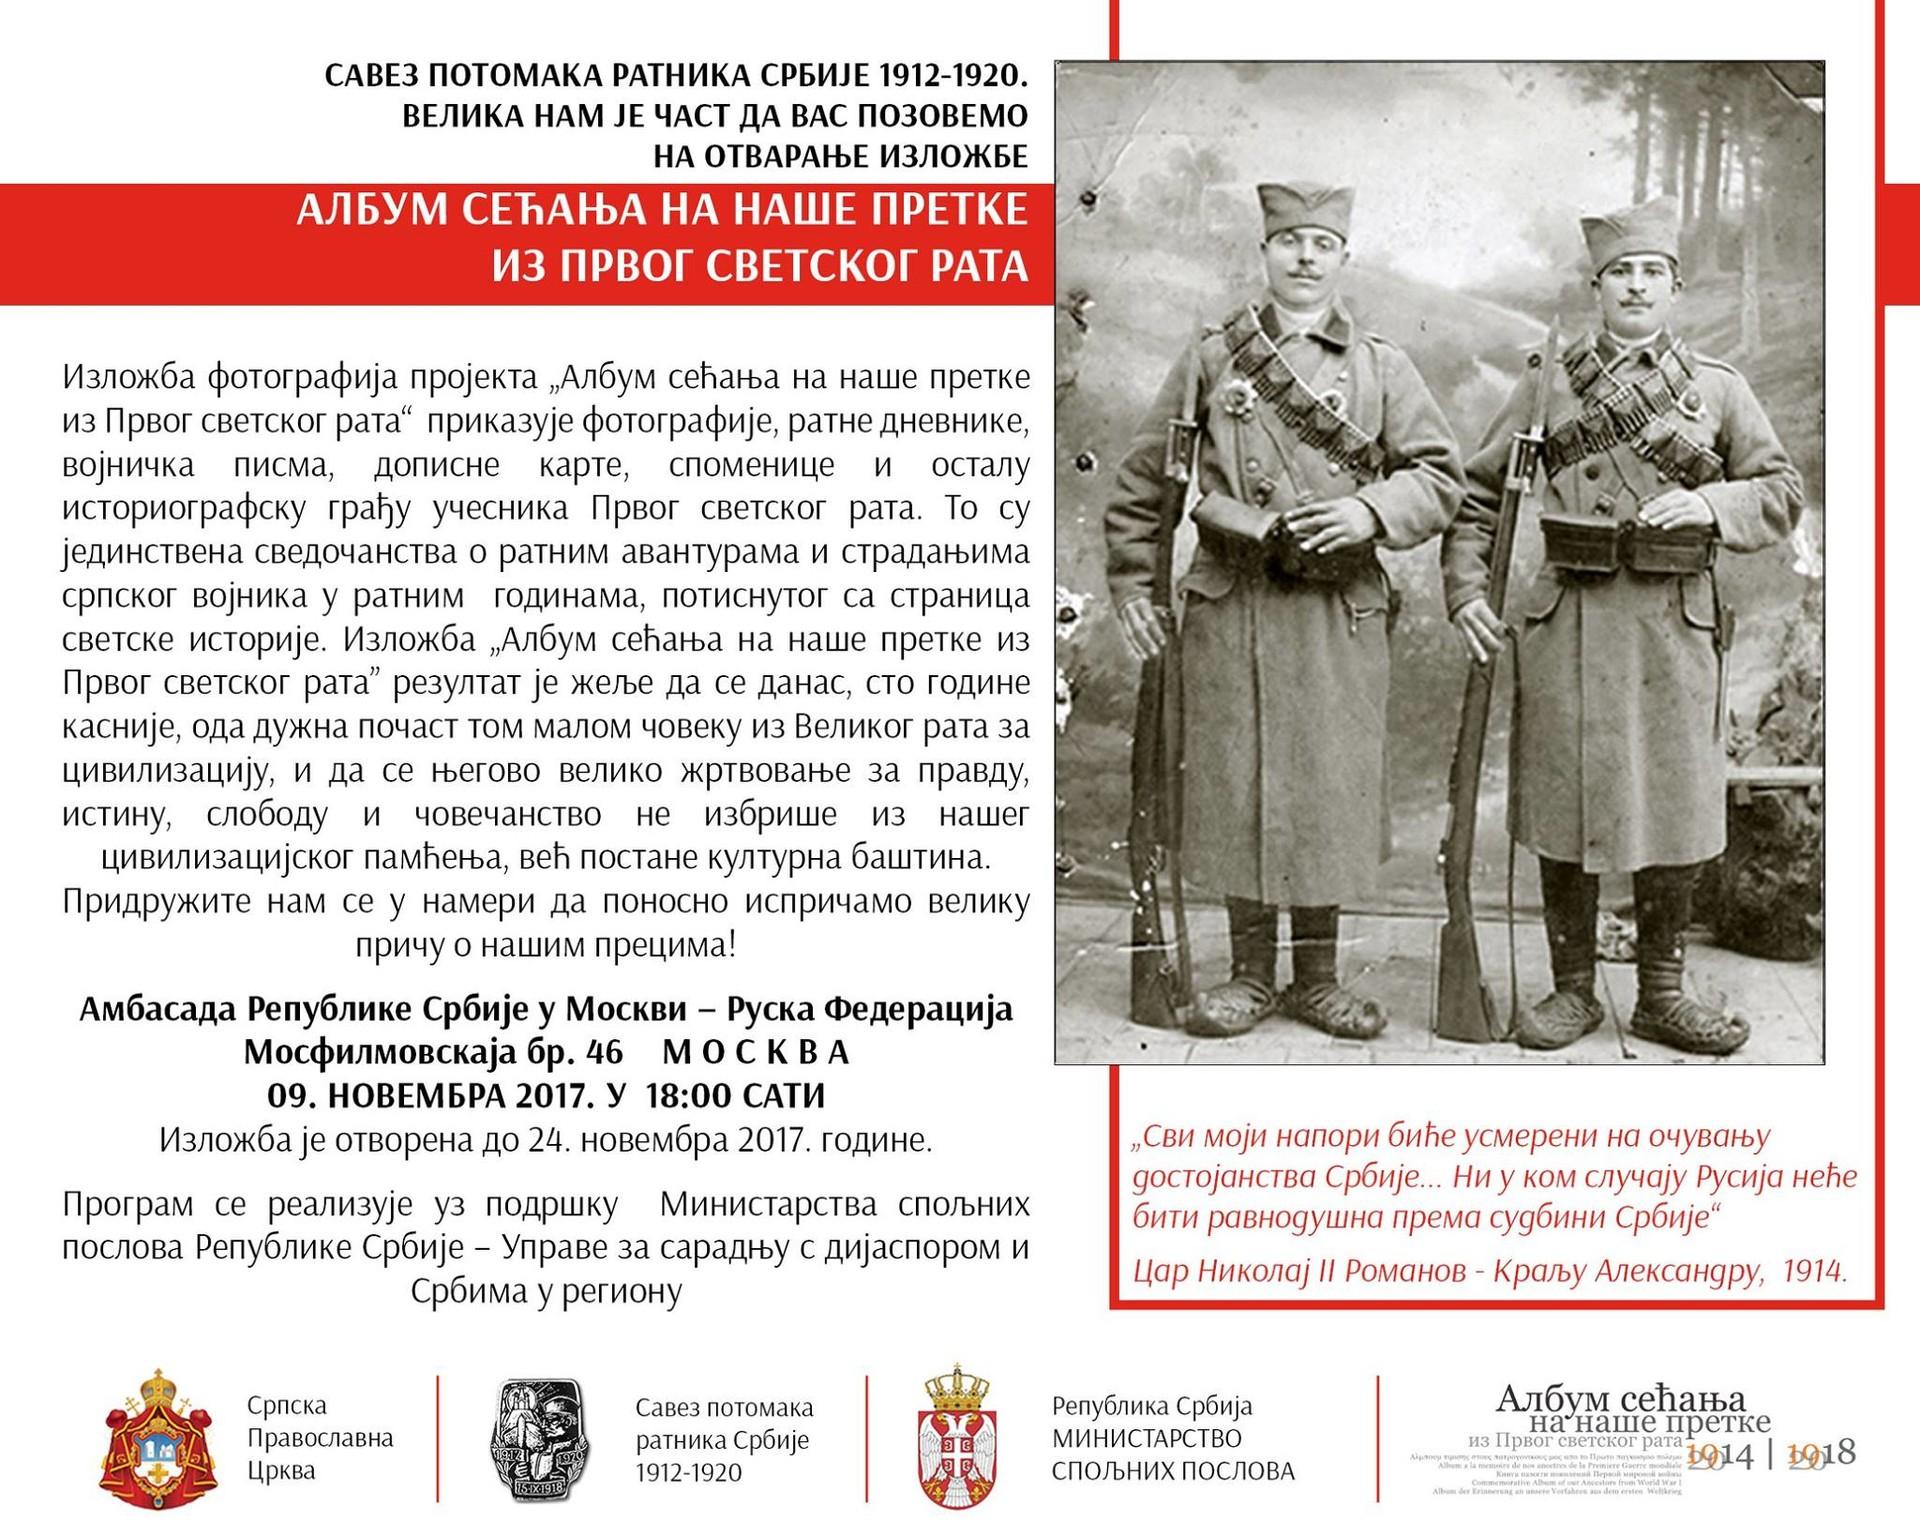 """Изложба """"Албум сећања на наше претке из Првог светског рата"""" у Москви"""